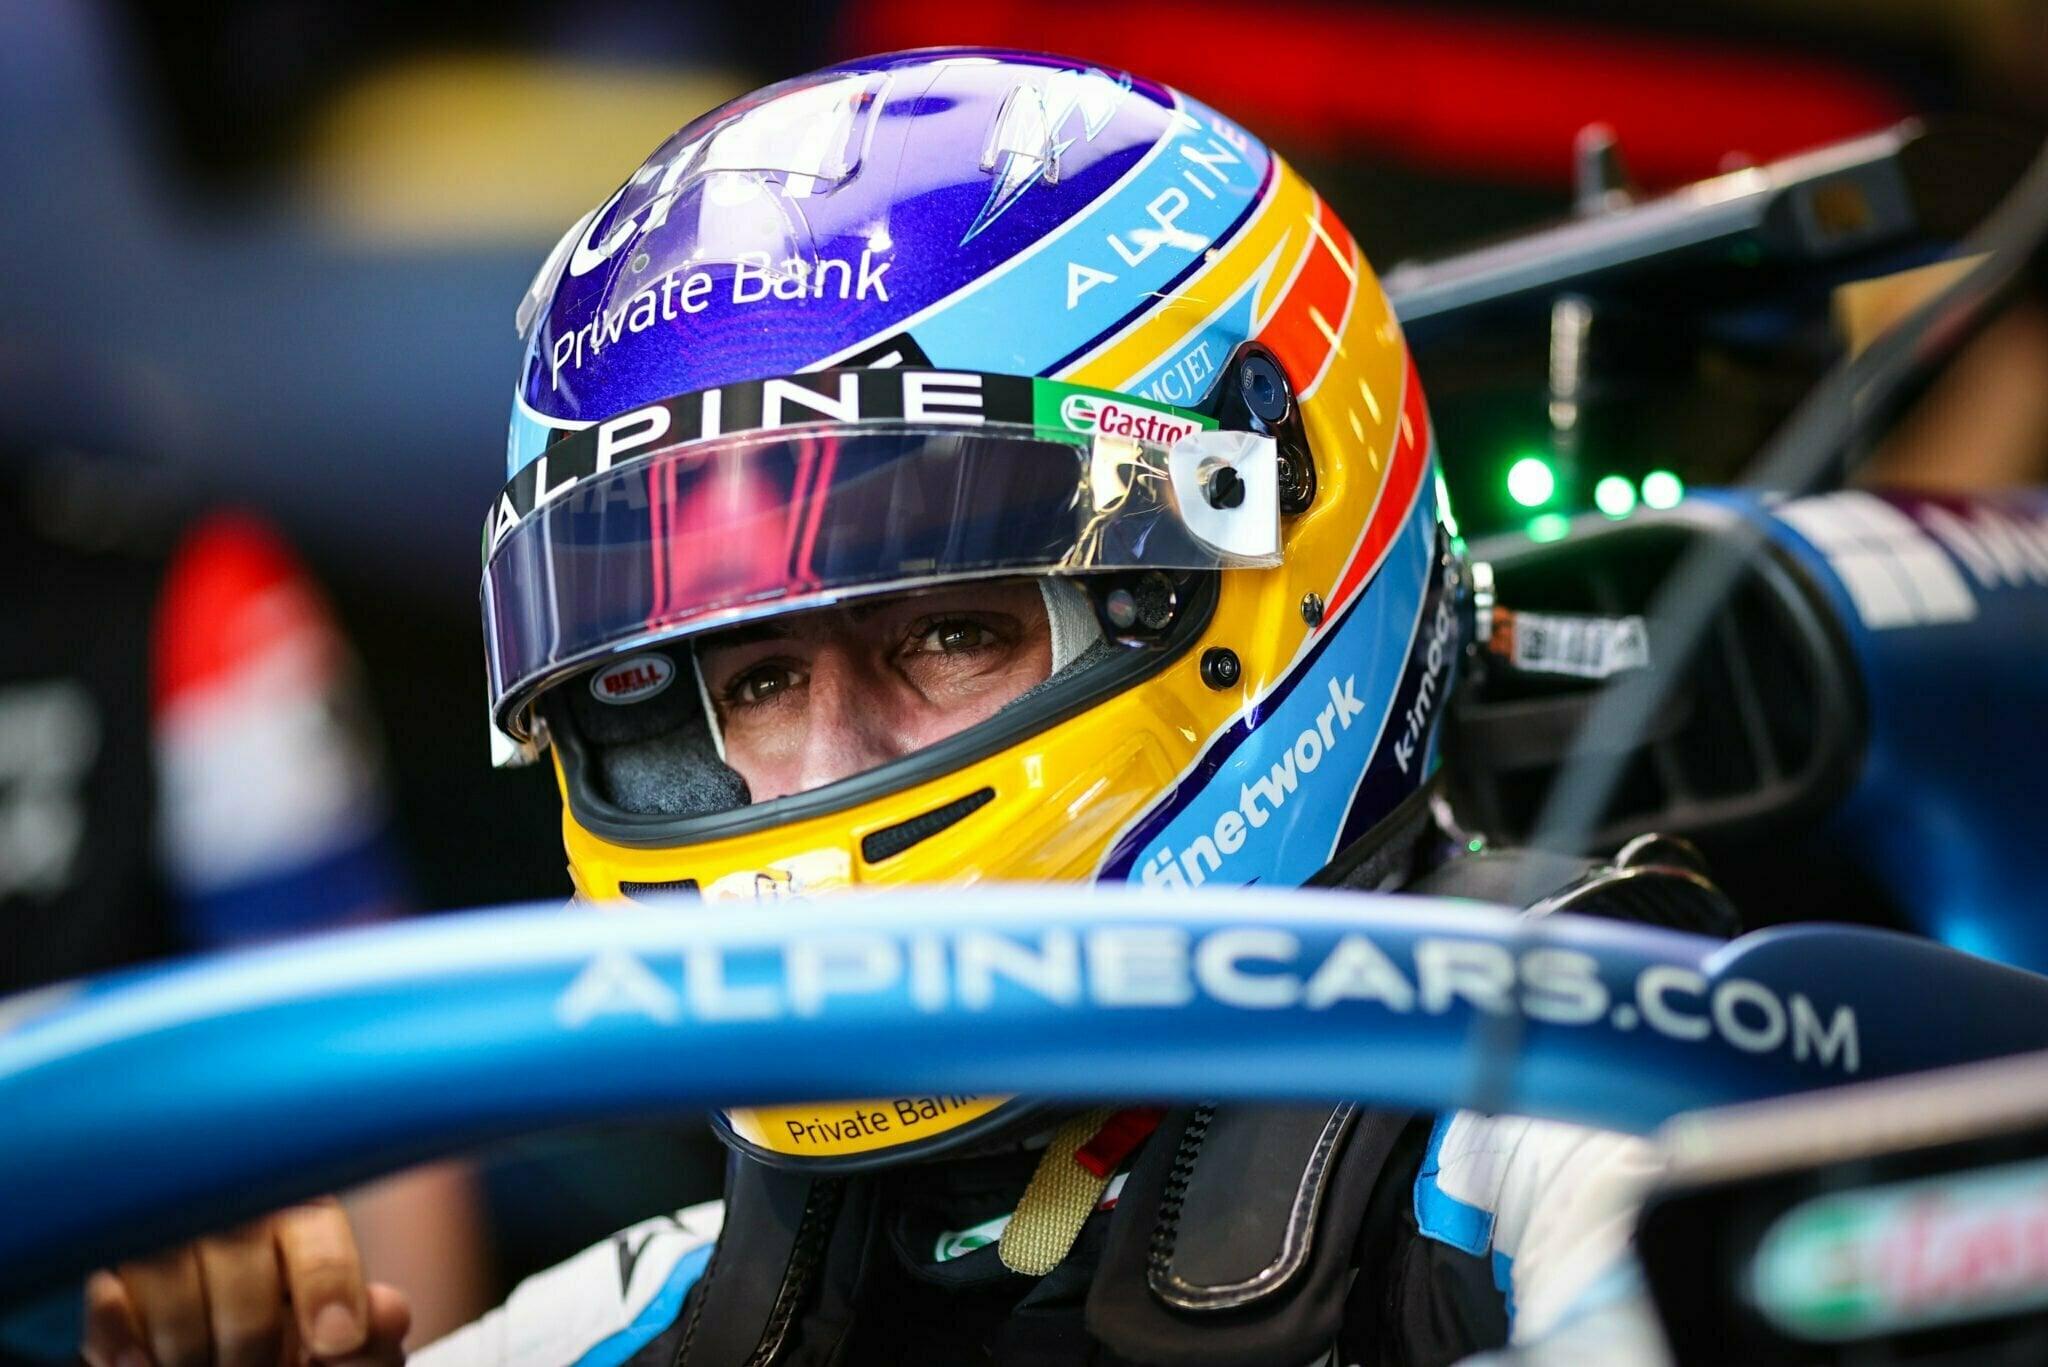 Alpine F1 Azebaijan Grand Prix Baku Alonso Ocon 2021 17   Alonso offre huit précieux points à Alpine F1 Team sur l'épreuve de Bakou